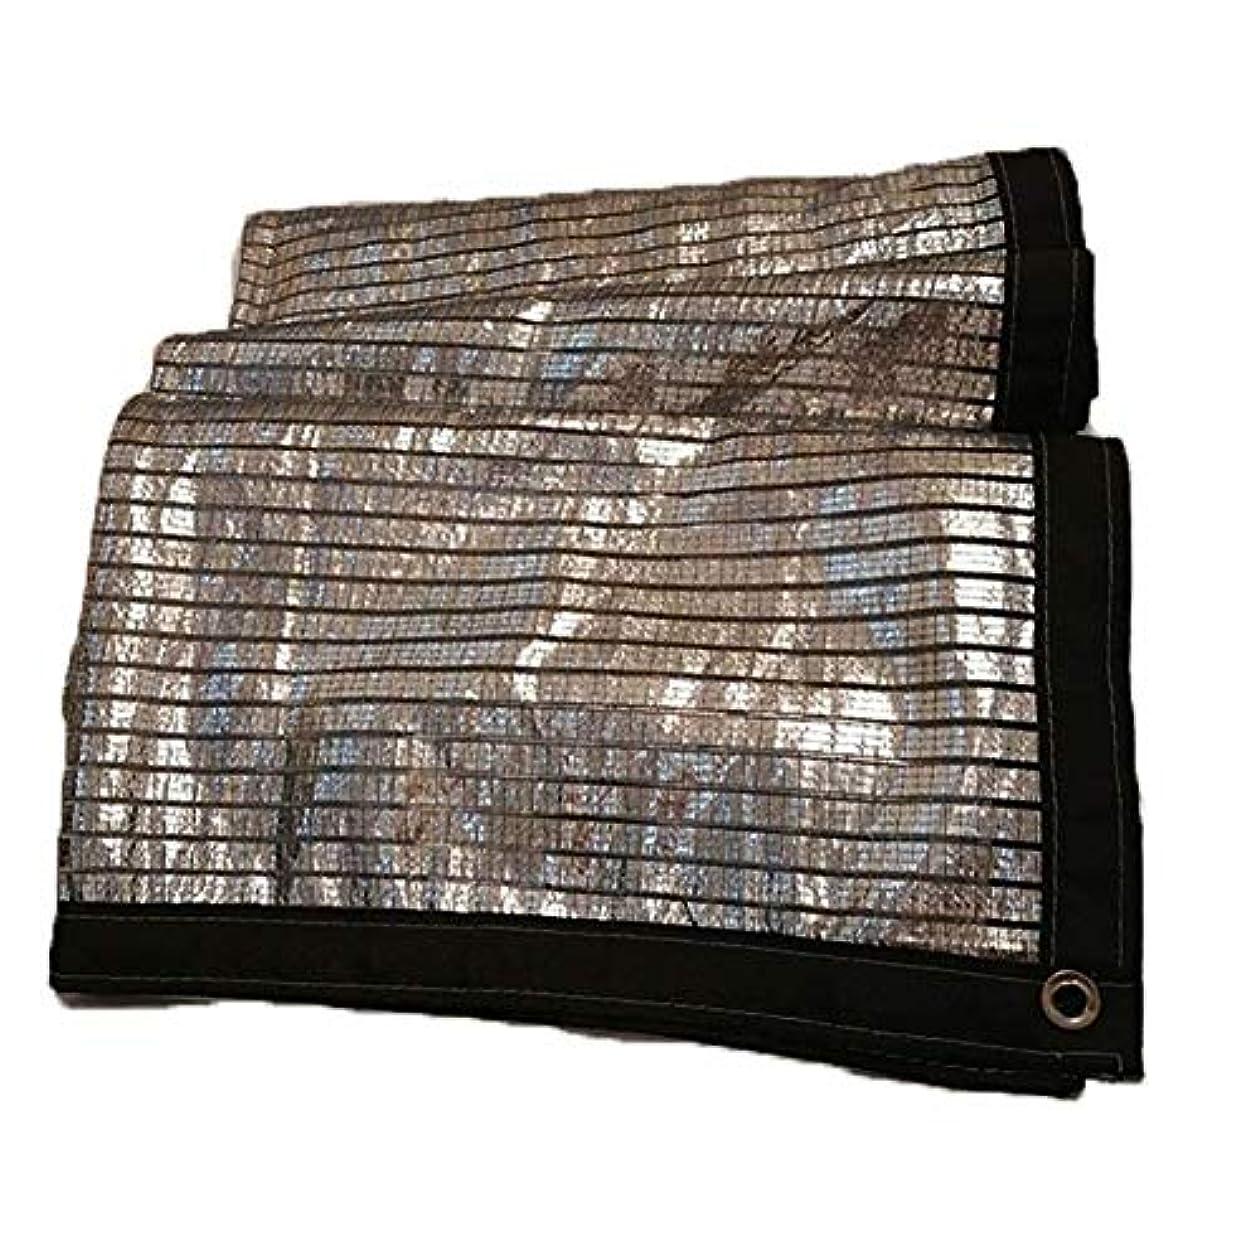 インサート考古学者自由防水シートの網掛け、反射アルミホイルは屋根の窓枠の土台の屋外のテラスの日よけの布が付いている日除けの布 (Size : 4*4M(13.1*13.1ft))